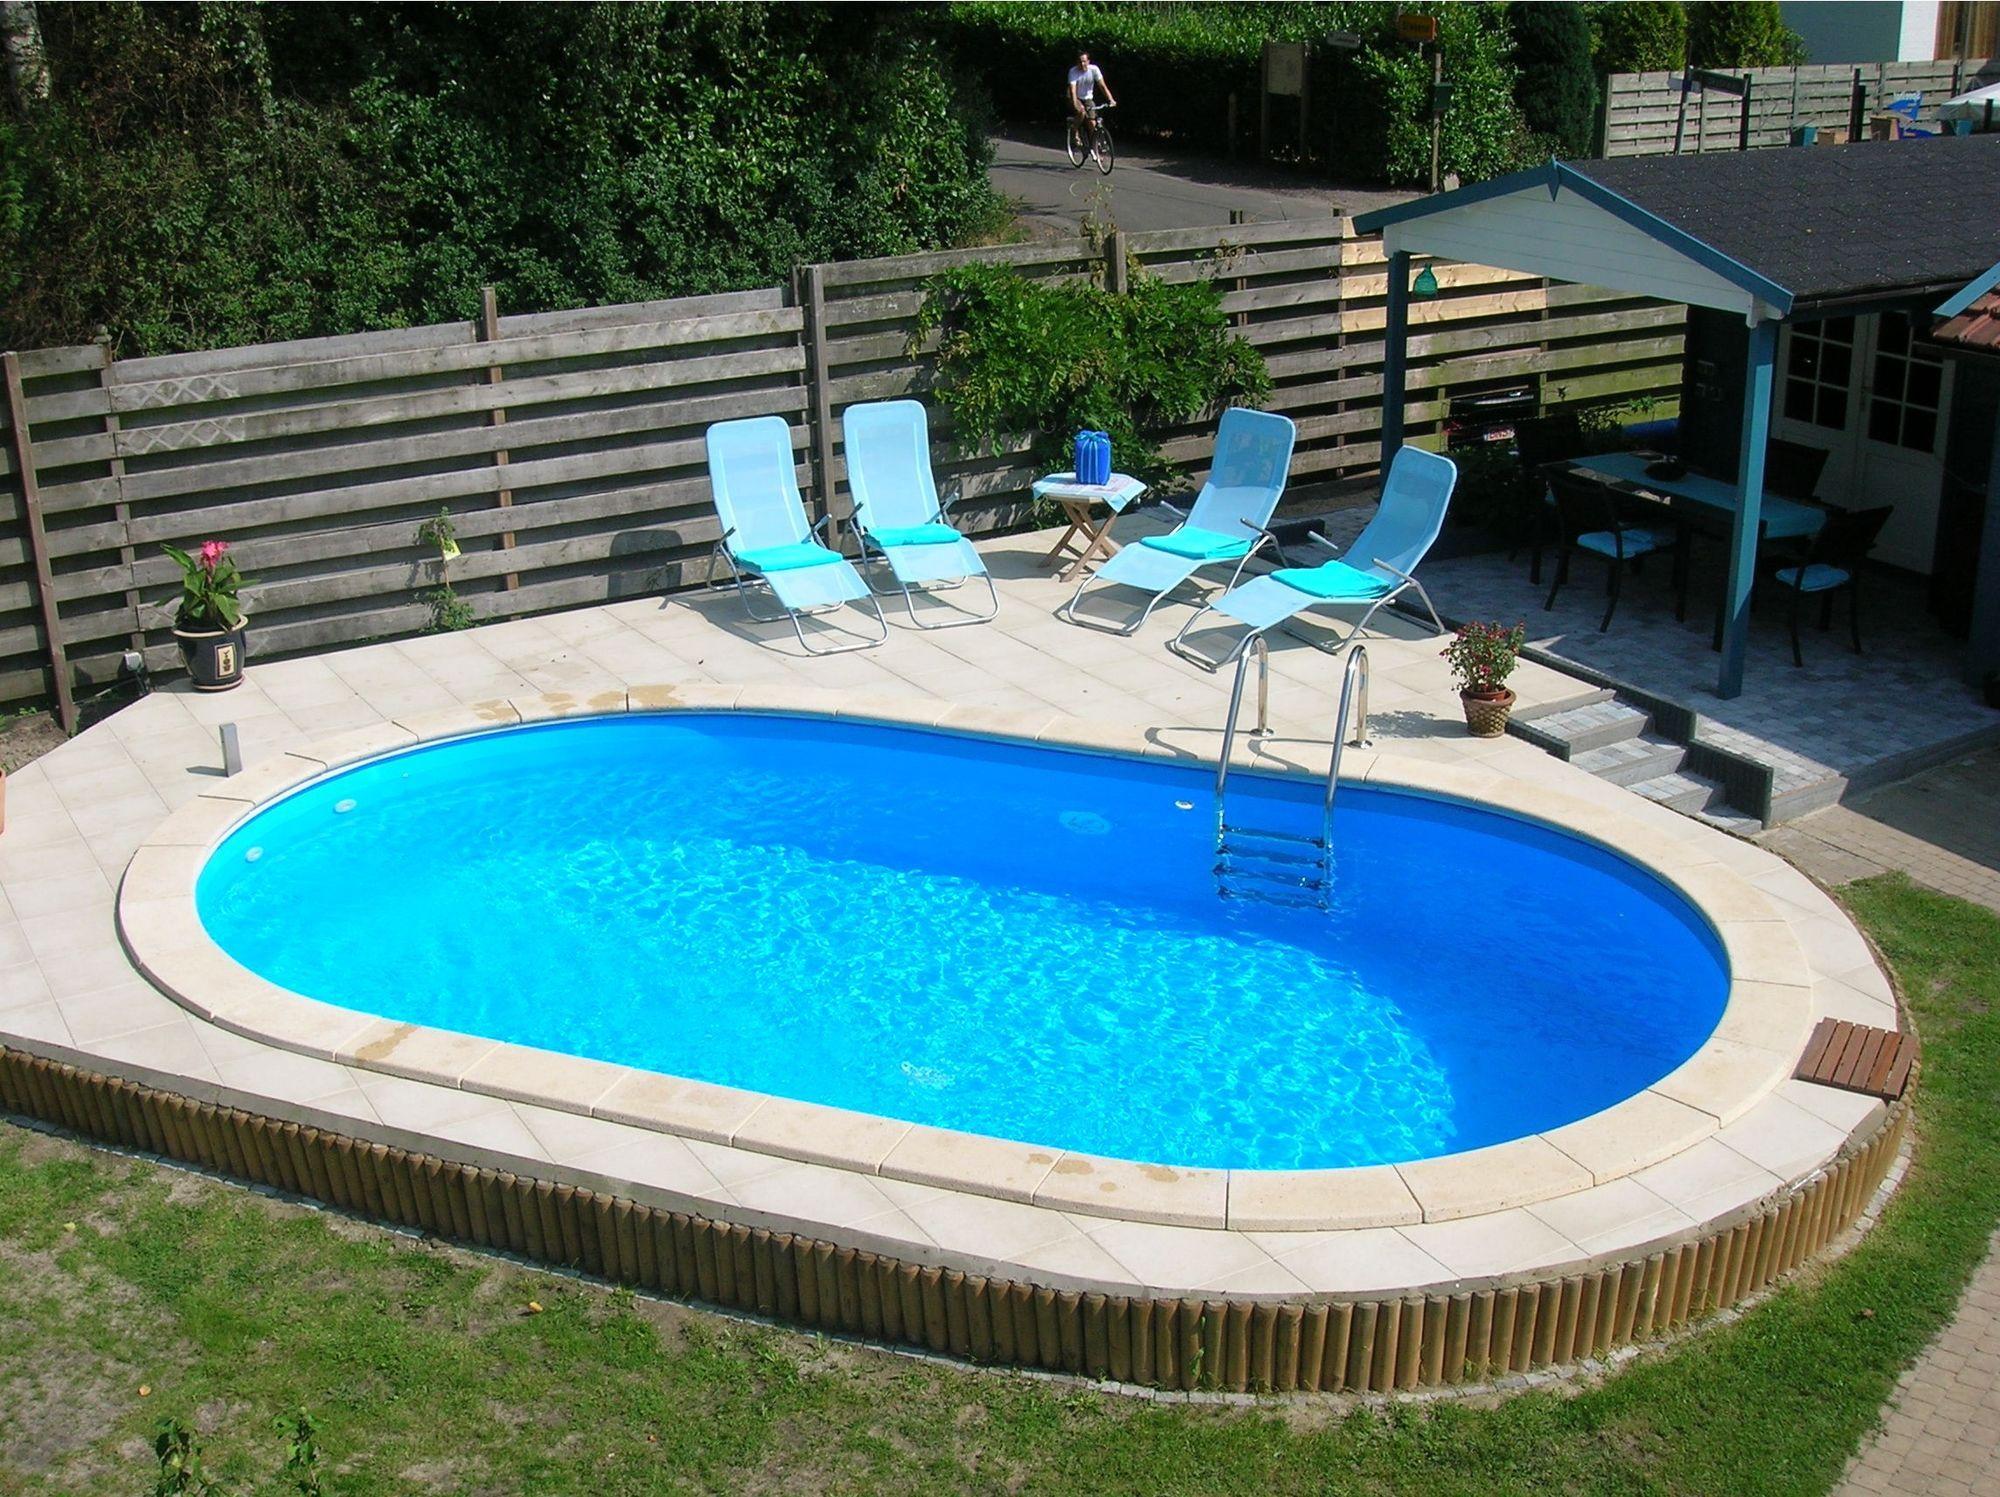 Afbeelding van Happy Pool Ovaal Metalen Zwembad 486 x 250 cm (hoogte 135cm)